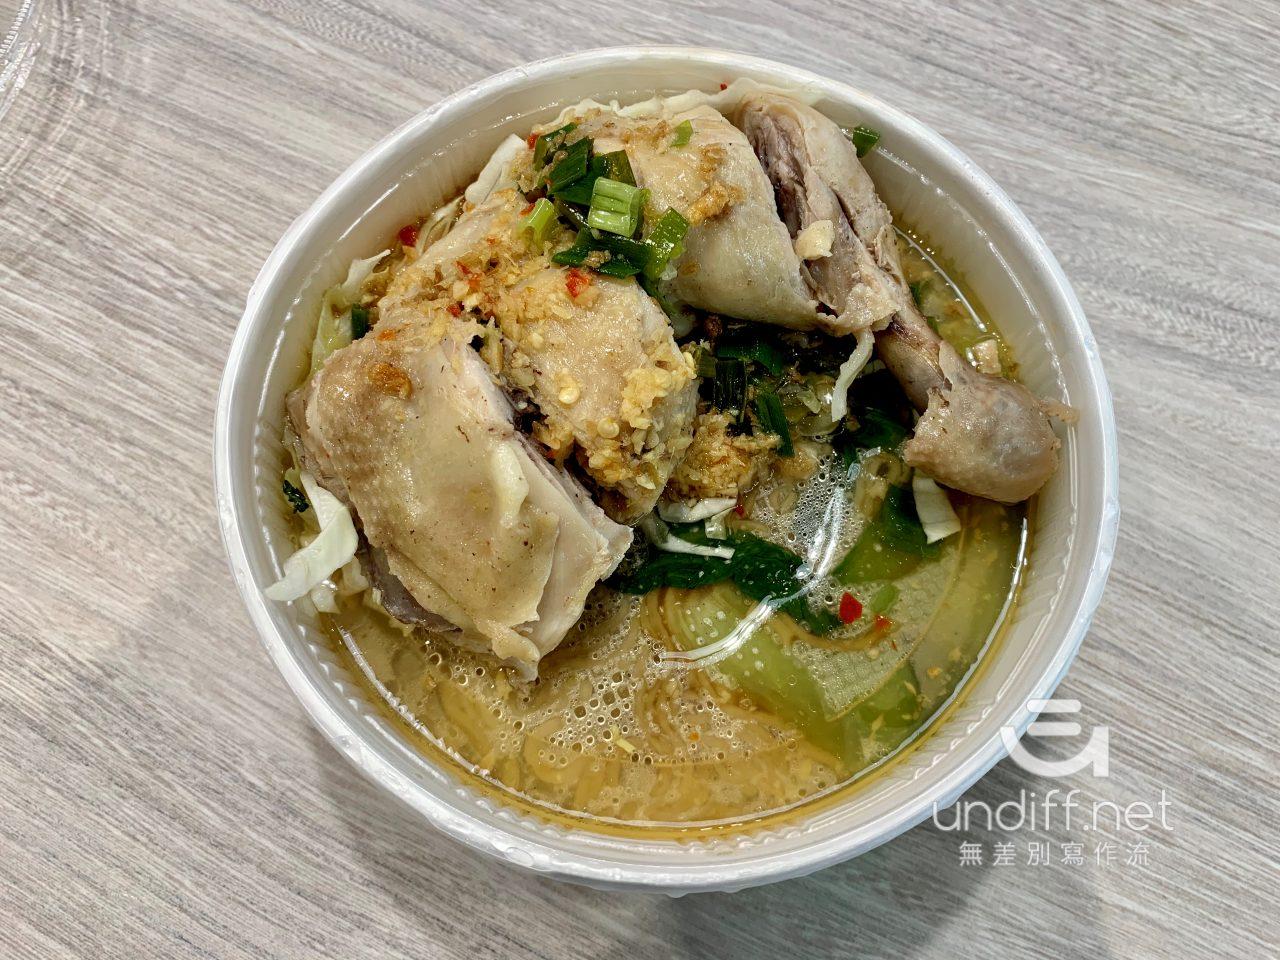 【內湖 訂便當日記】日嚐 Taste&Enjoy 南洋風味料理 12